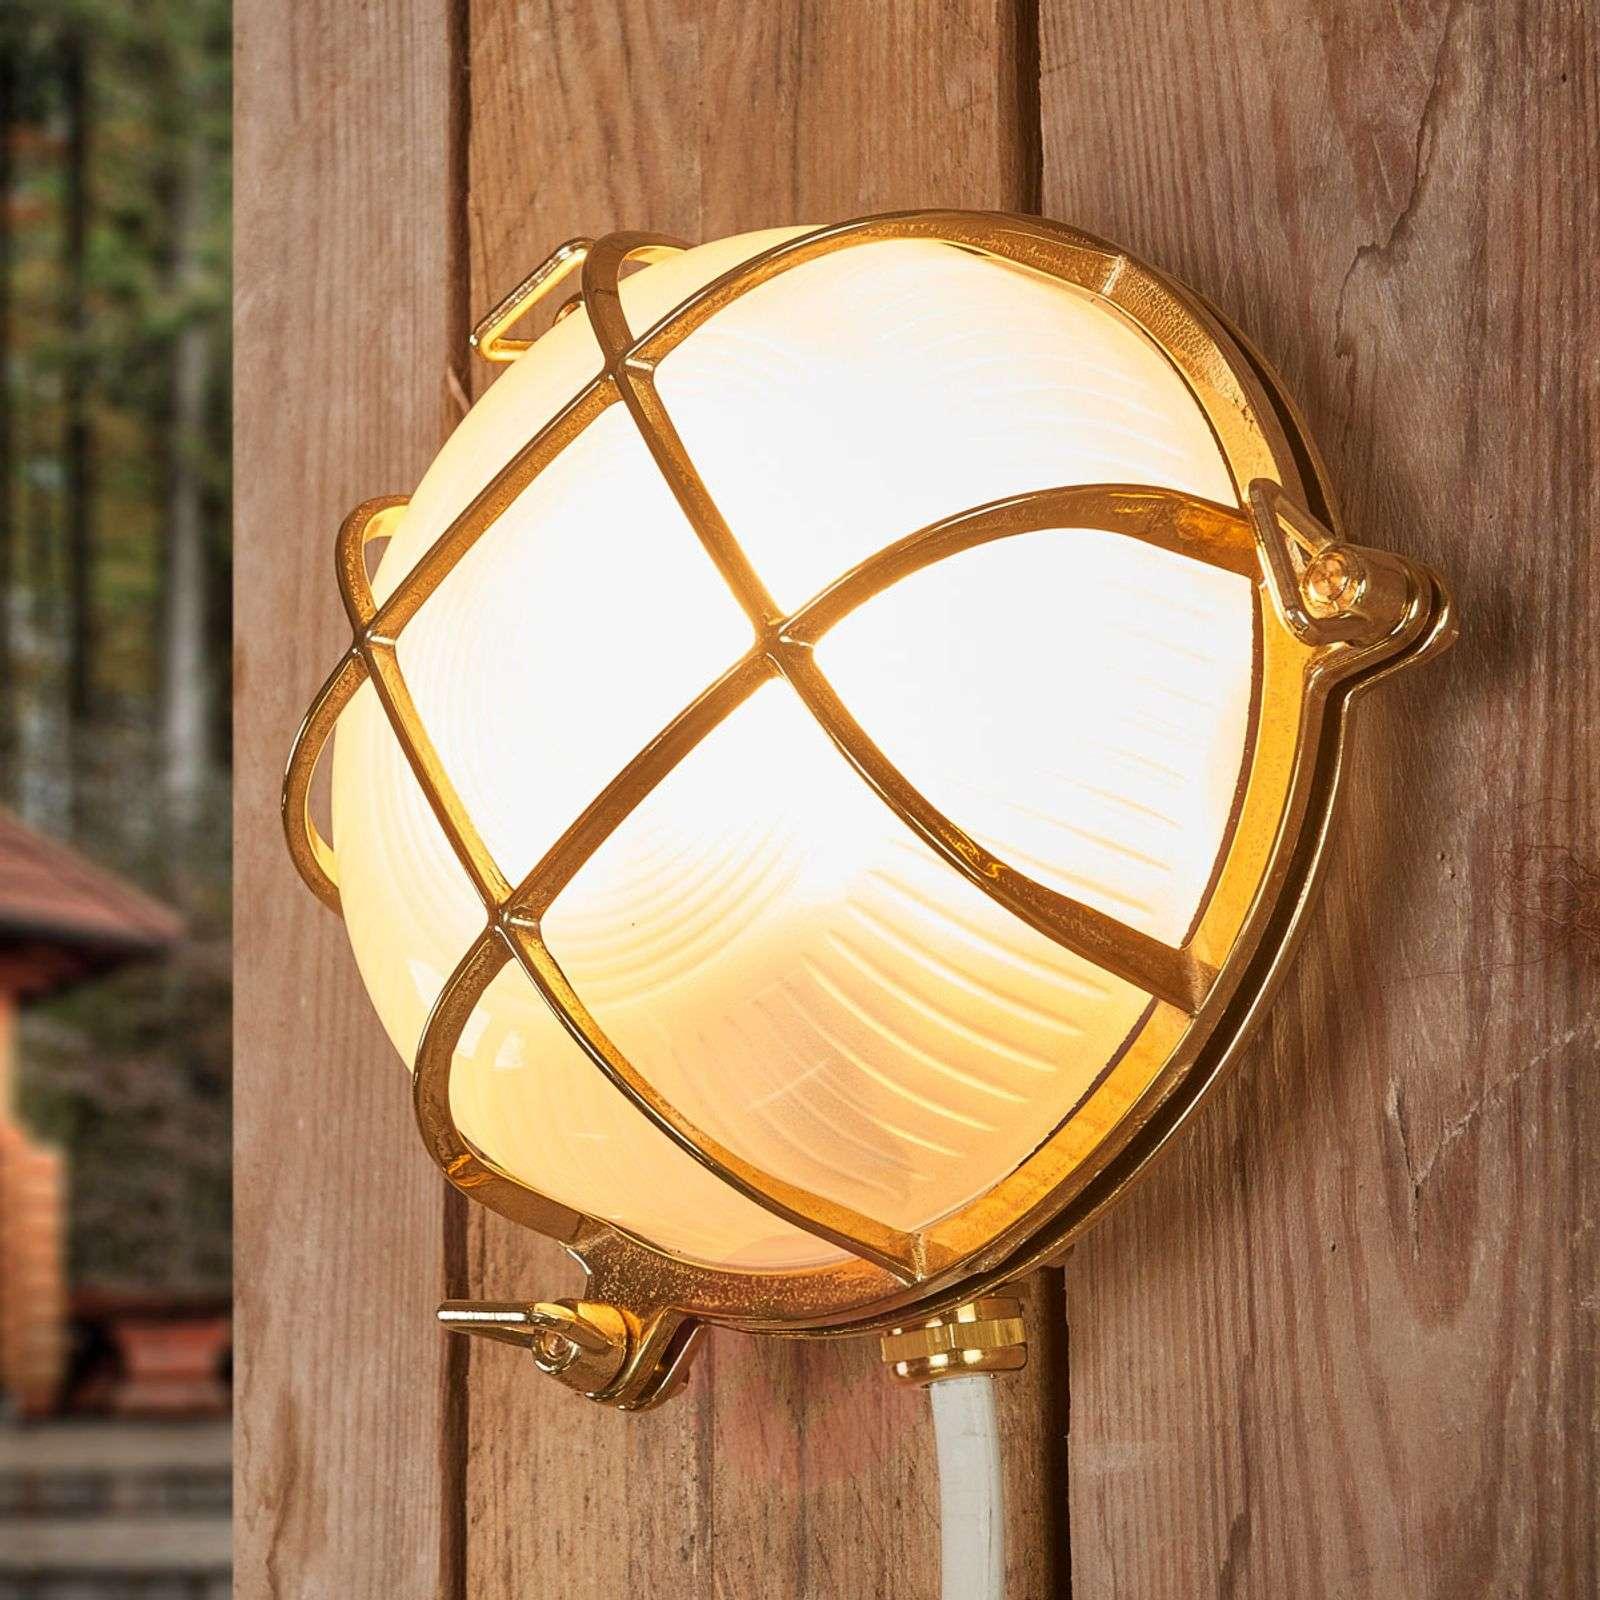 Bengt Outdoor Wall Light Round Brass 6515267 01